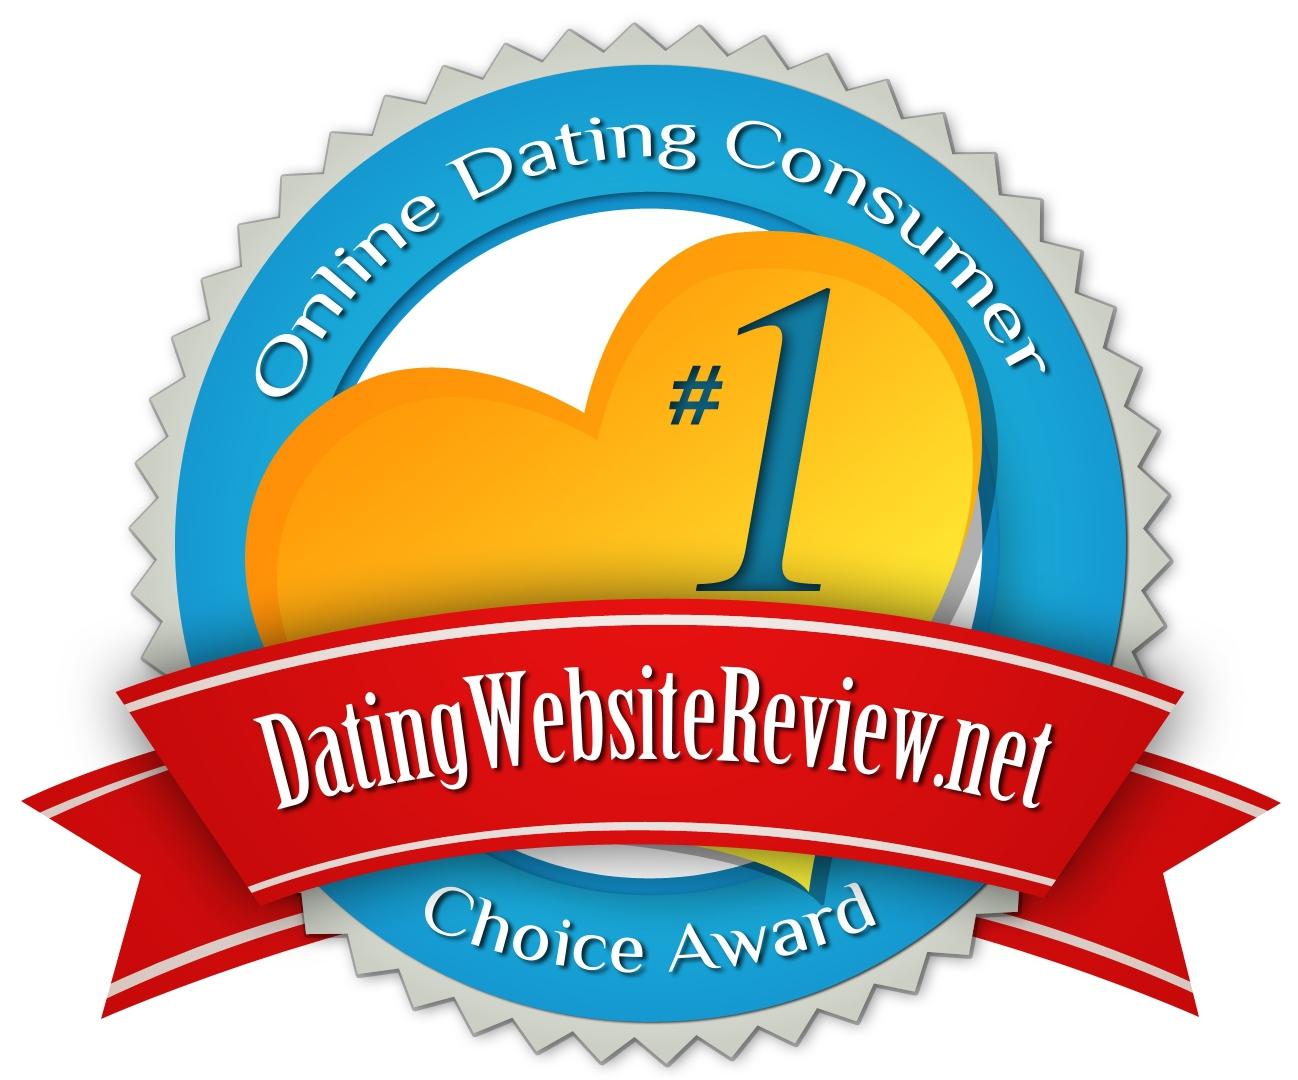 Golden Heart Consumer Choice Awards